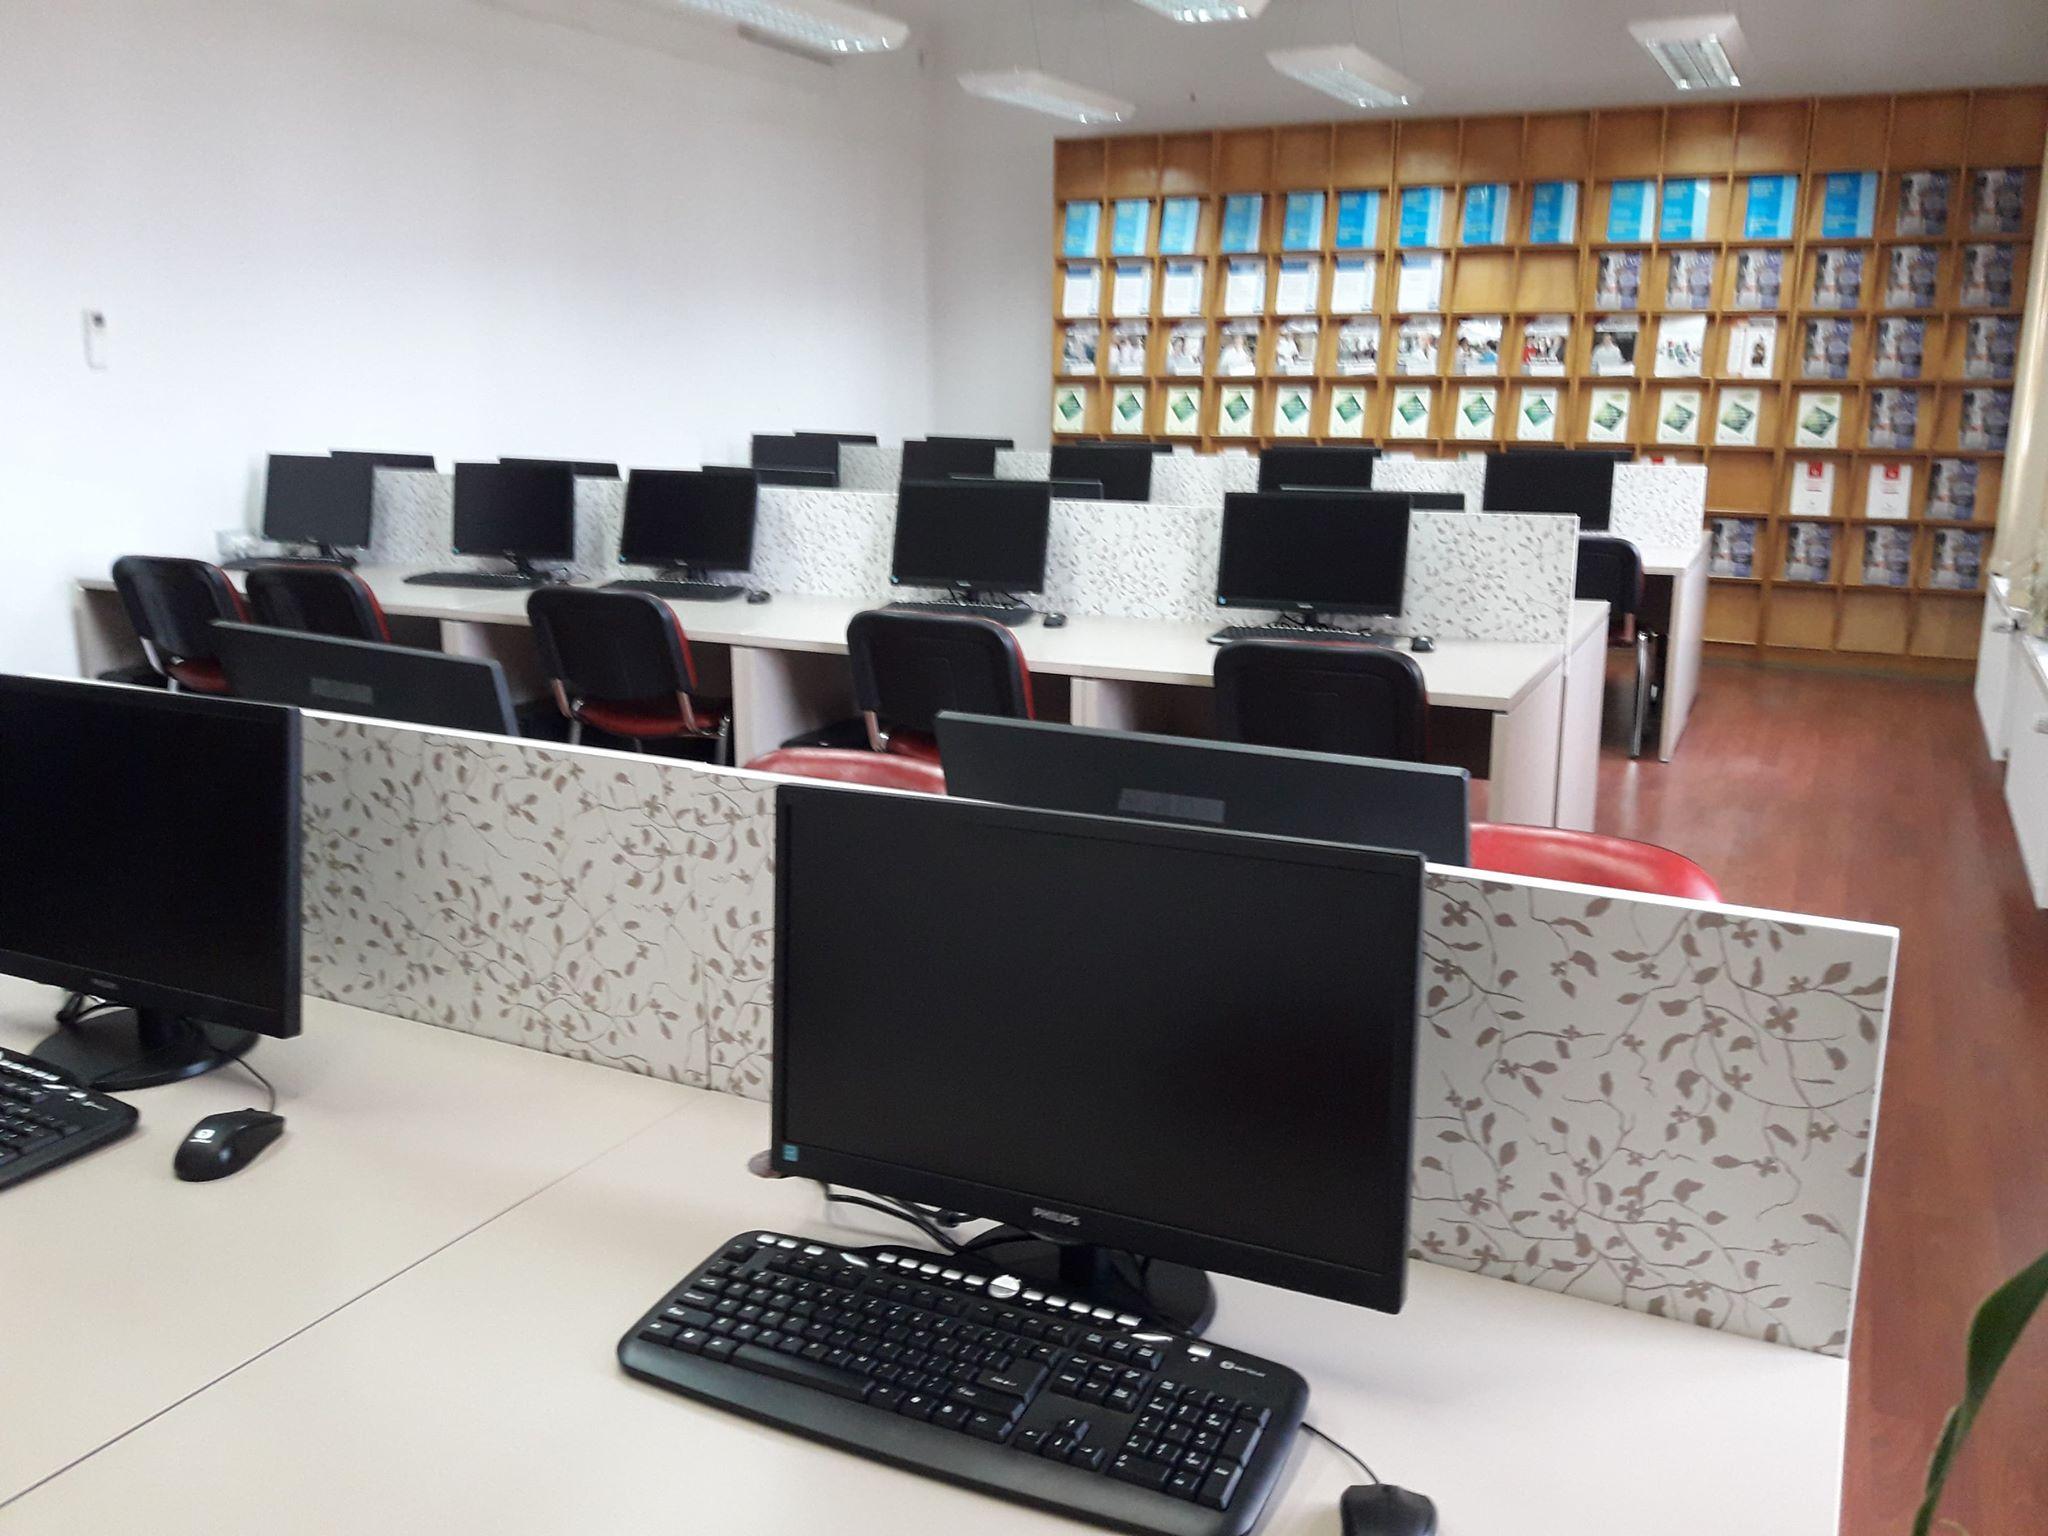 Biblioteca UMFST Târgu Mureș pune la dispoziția studenților o nouă sală cu 40 de calculatoare